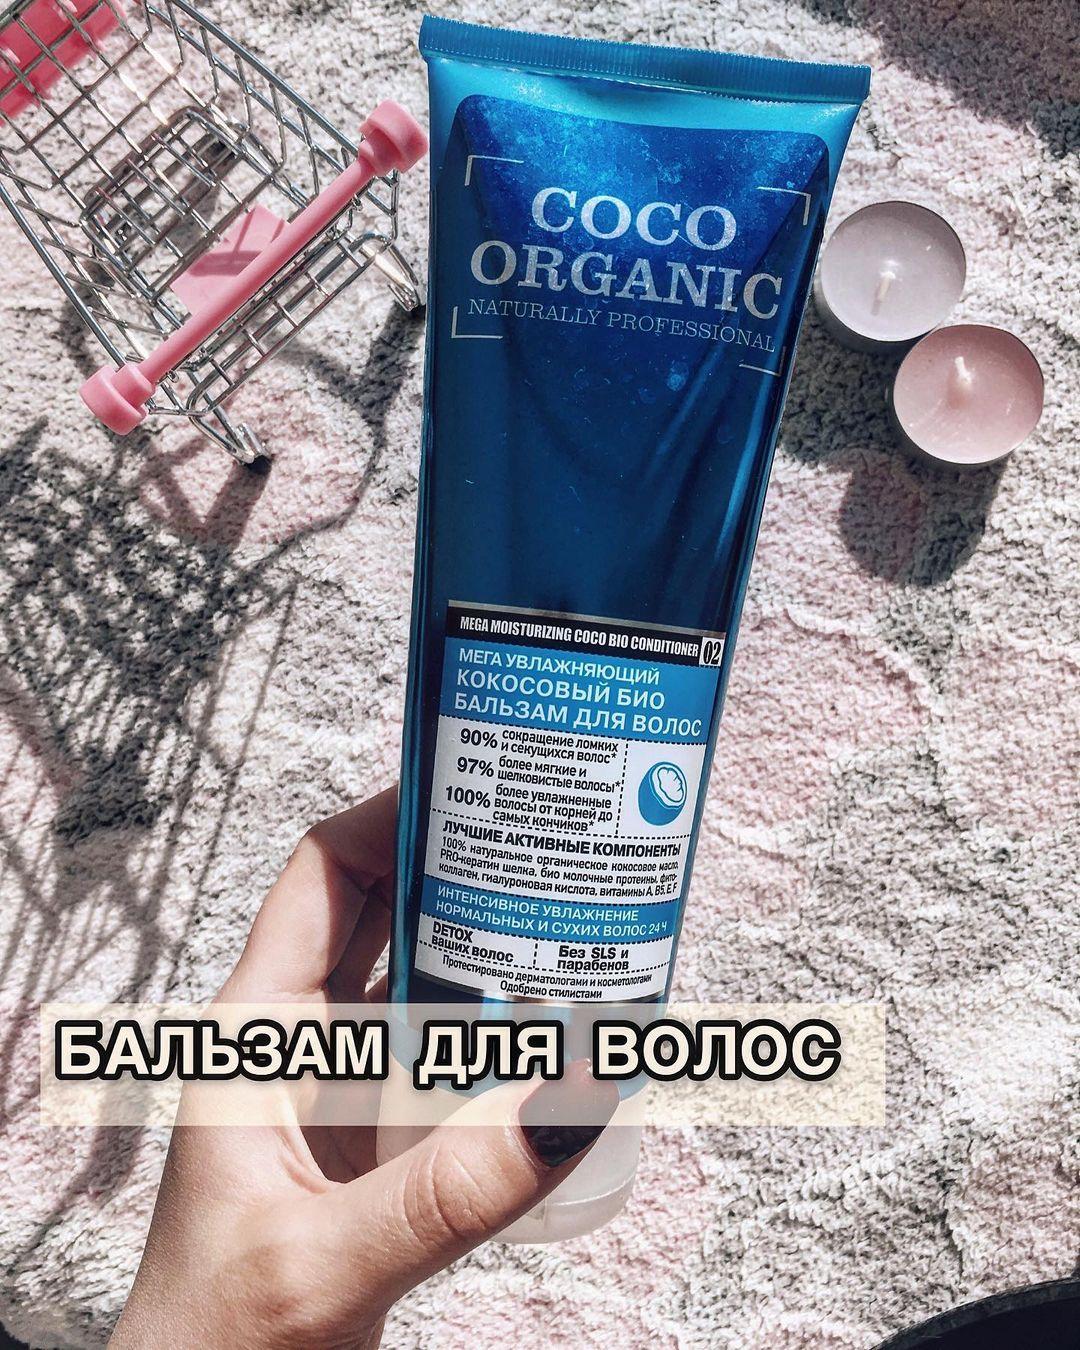 Лечение волос: МЕГАУВЛАЖНЯЮЩИЙ КОКОСОВЫЙ БАЛЬЗАМ от   ⠀⠀⠀ ОТЗЫВ: ⠀⠀⠀ •кокосовый, приятный аромат...